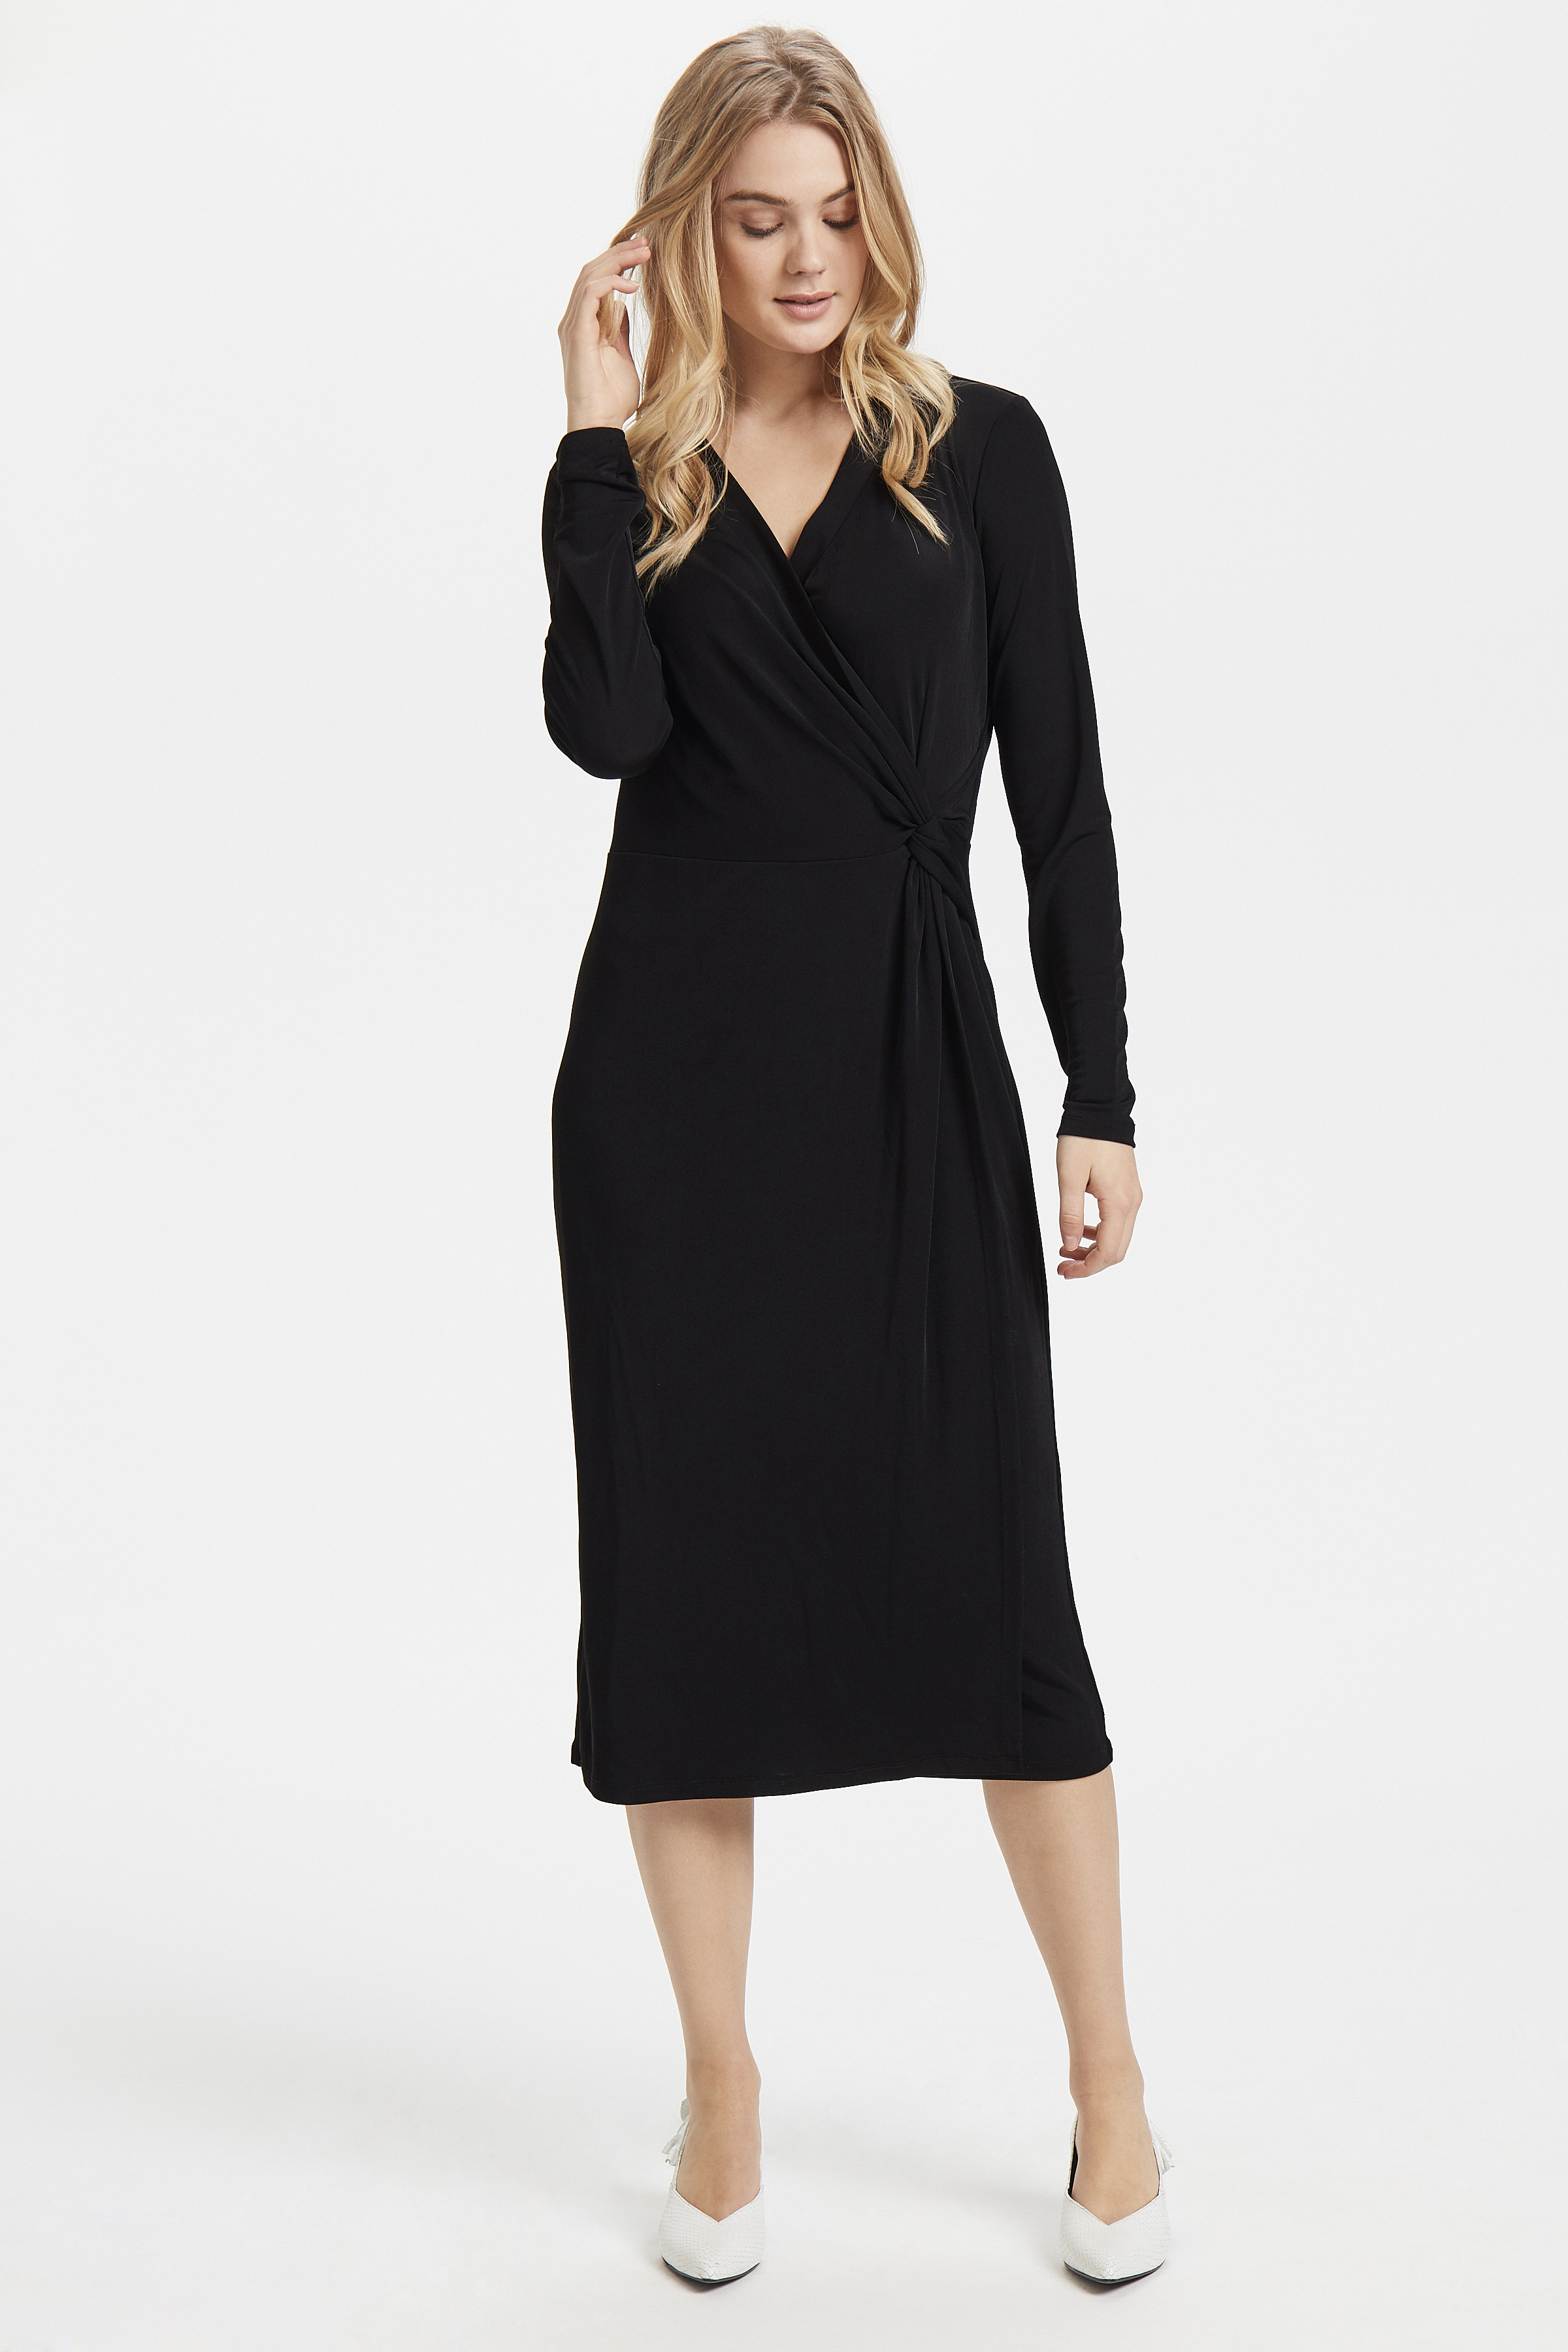 Black Jerseykleid von b.young – Kaufen Sie Black Jerseykleid aus Größe S-XXL hier